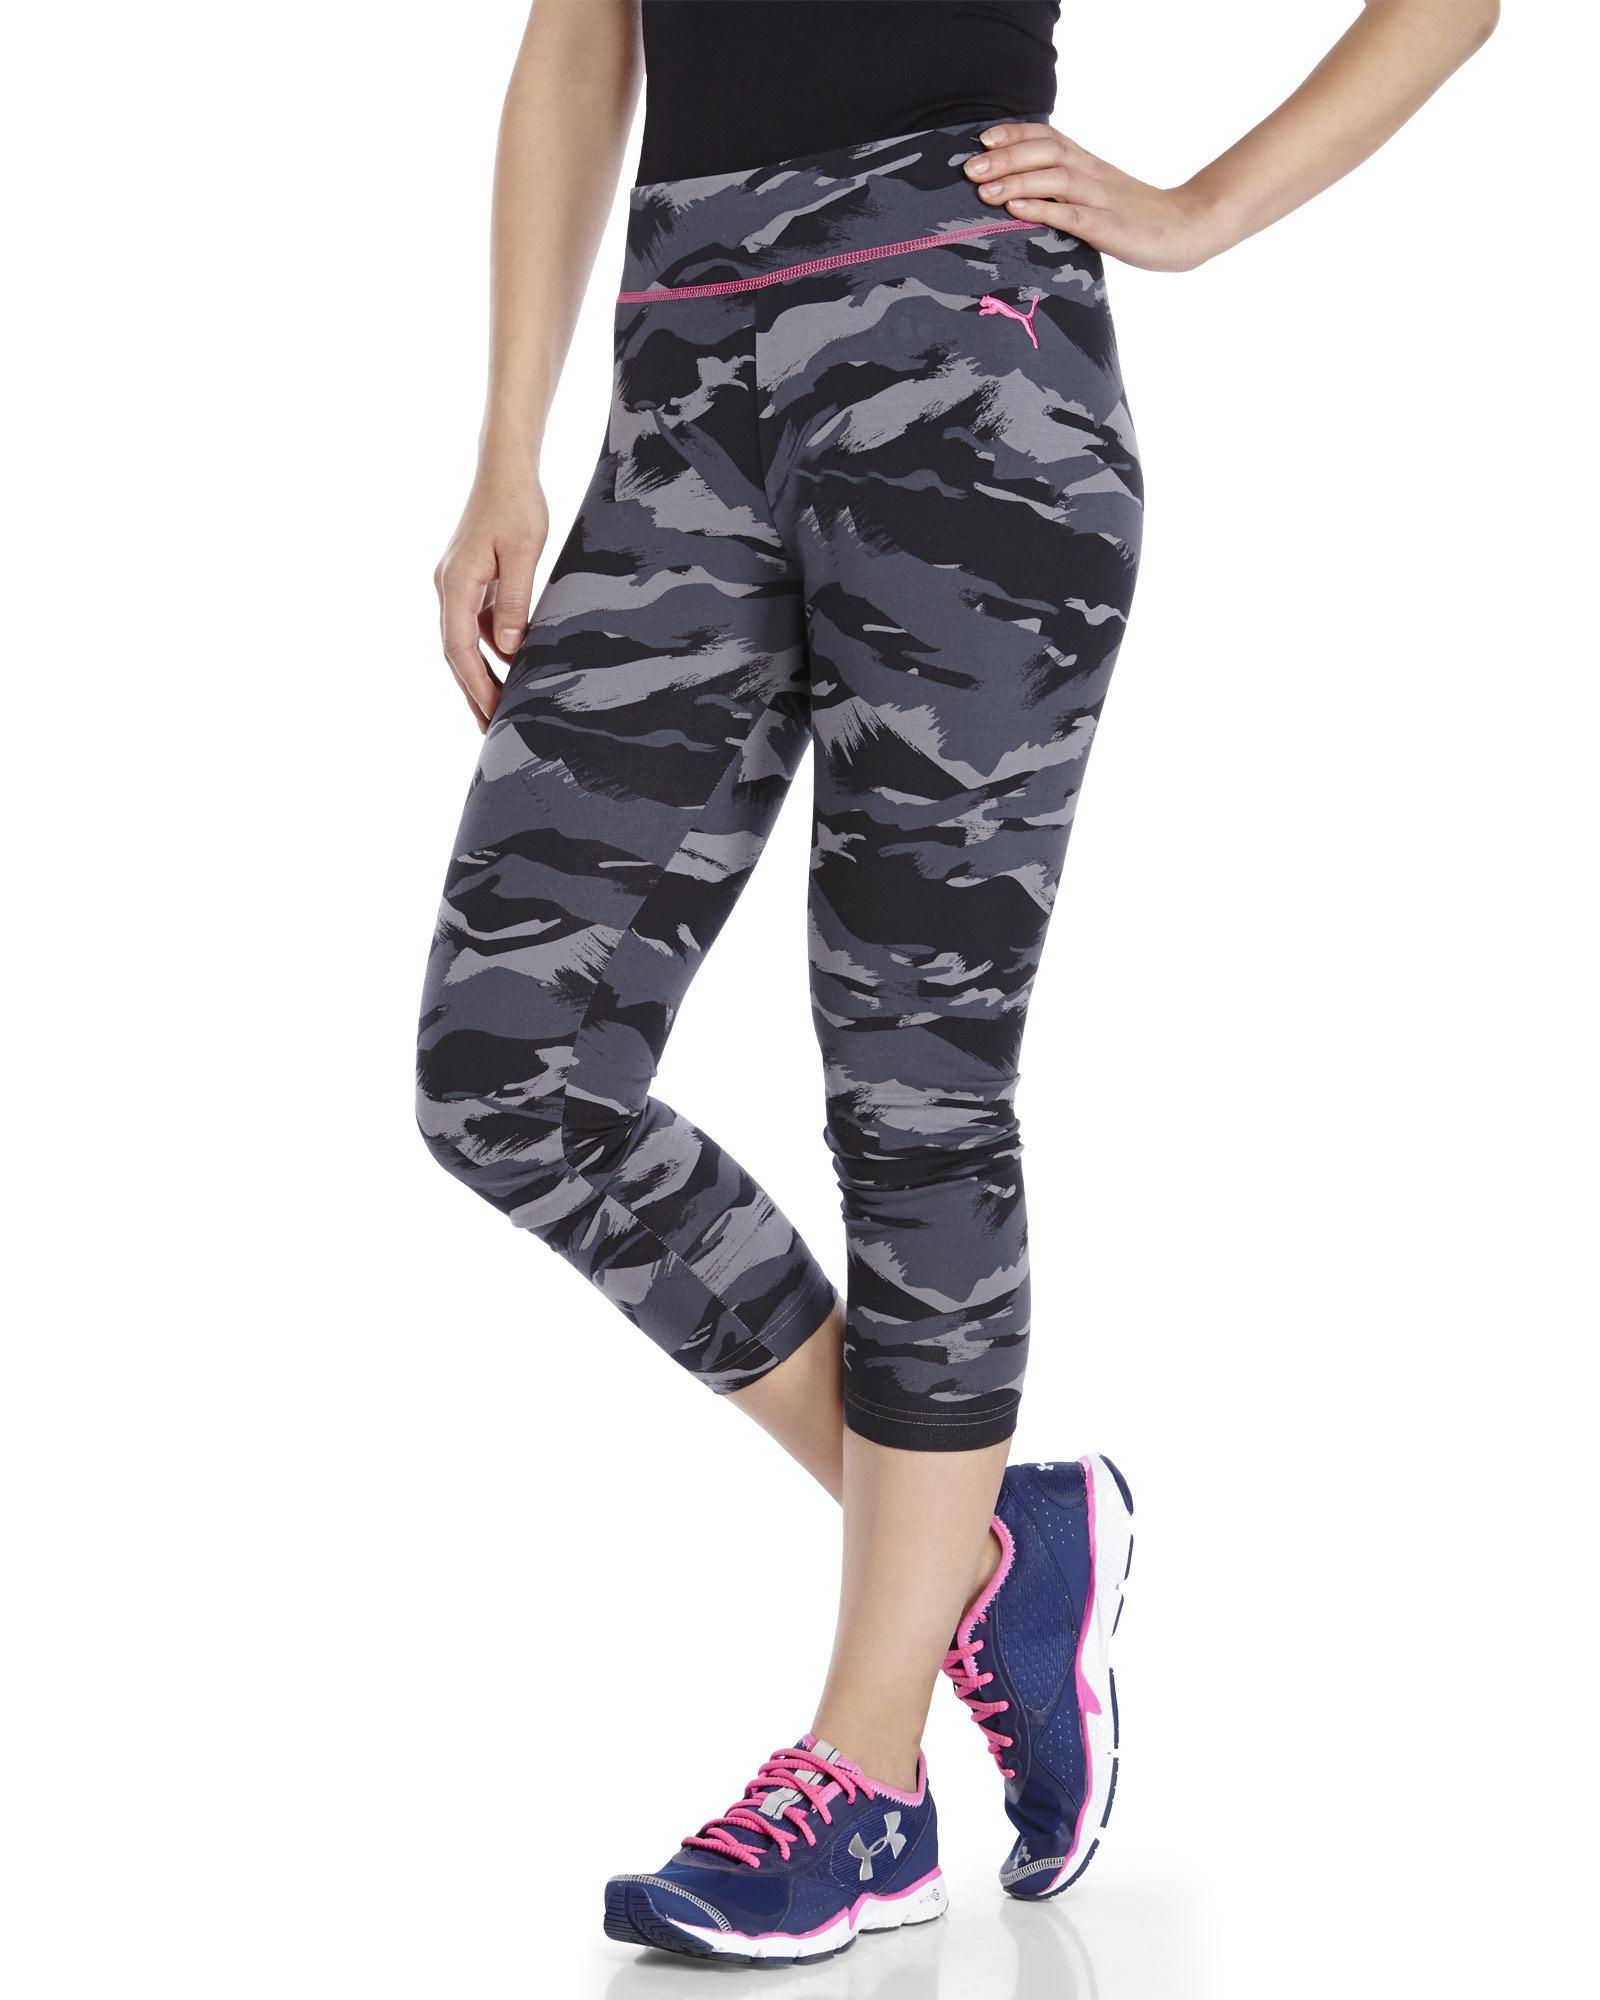 Puma Printed Capri Leggings in Black | Lyst